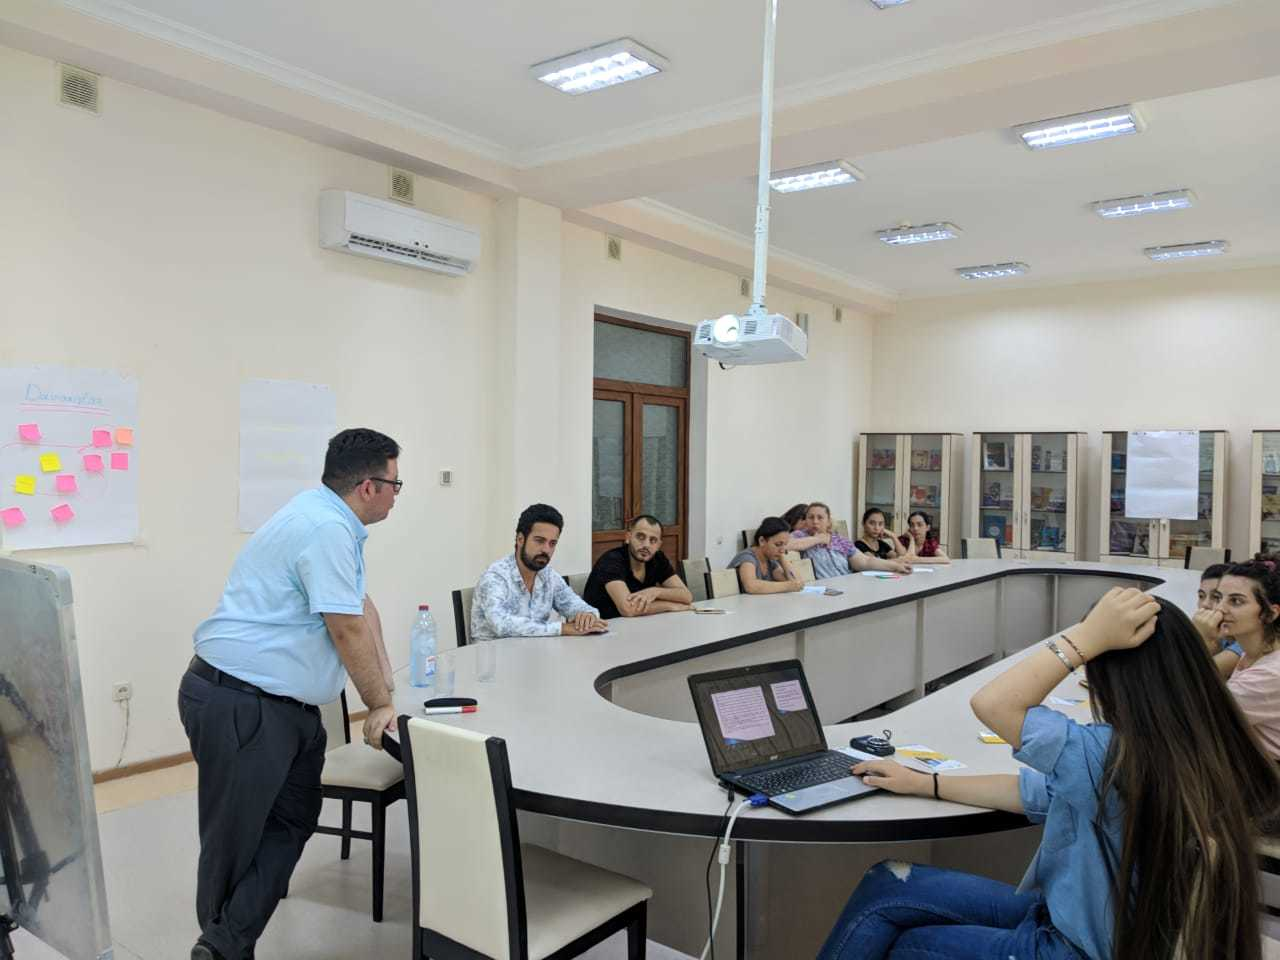 azerbaycan-tanitim2 Yazarımız Aslan Azimzadeh, Azerbaycan Mingeçevir'de Tanıtımımızı Gerçekleştirdi